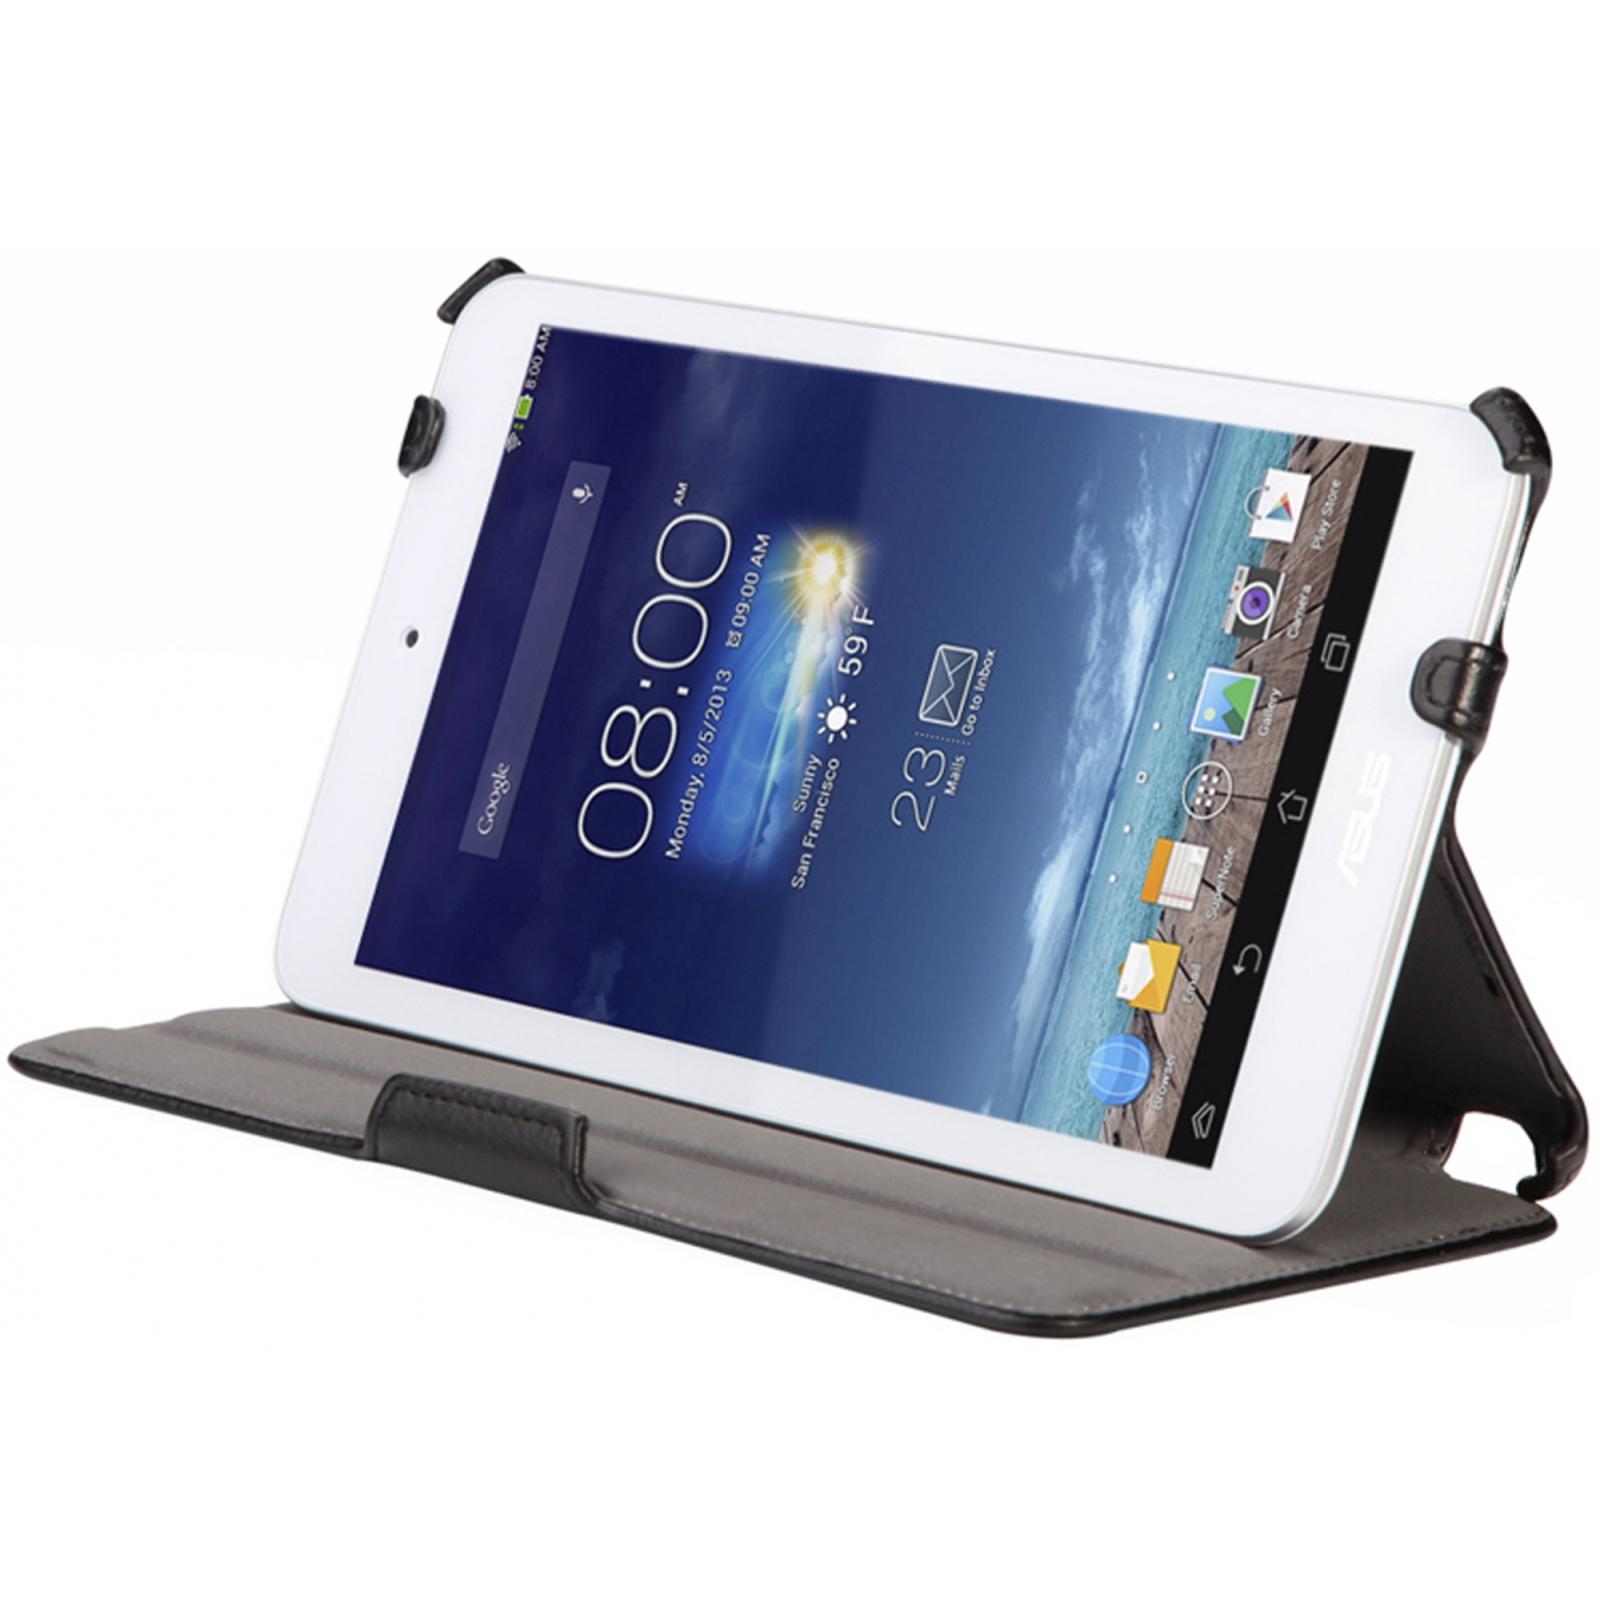 Чехол для планшета AirOn для Asus MeMO Pad 8 black (6946795830153) изображение 2